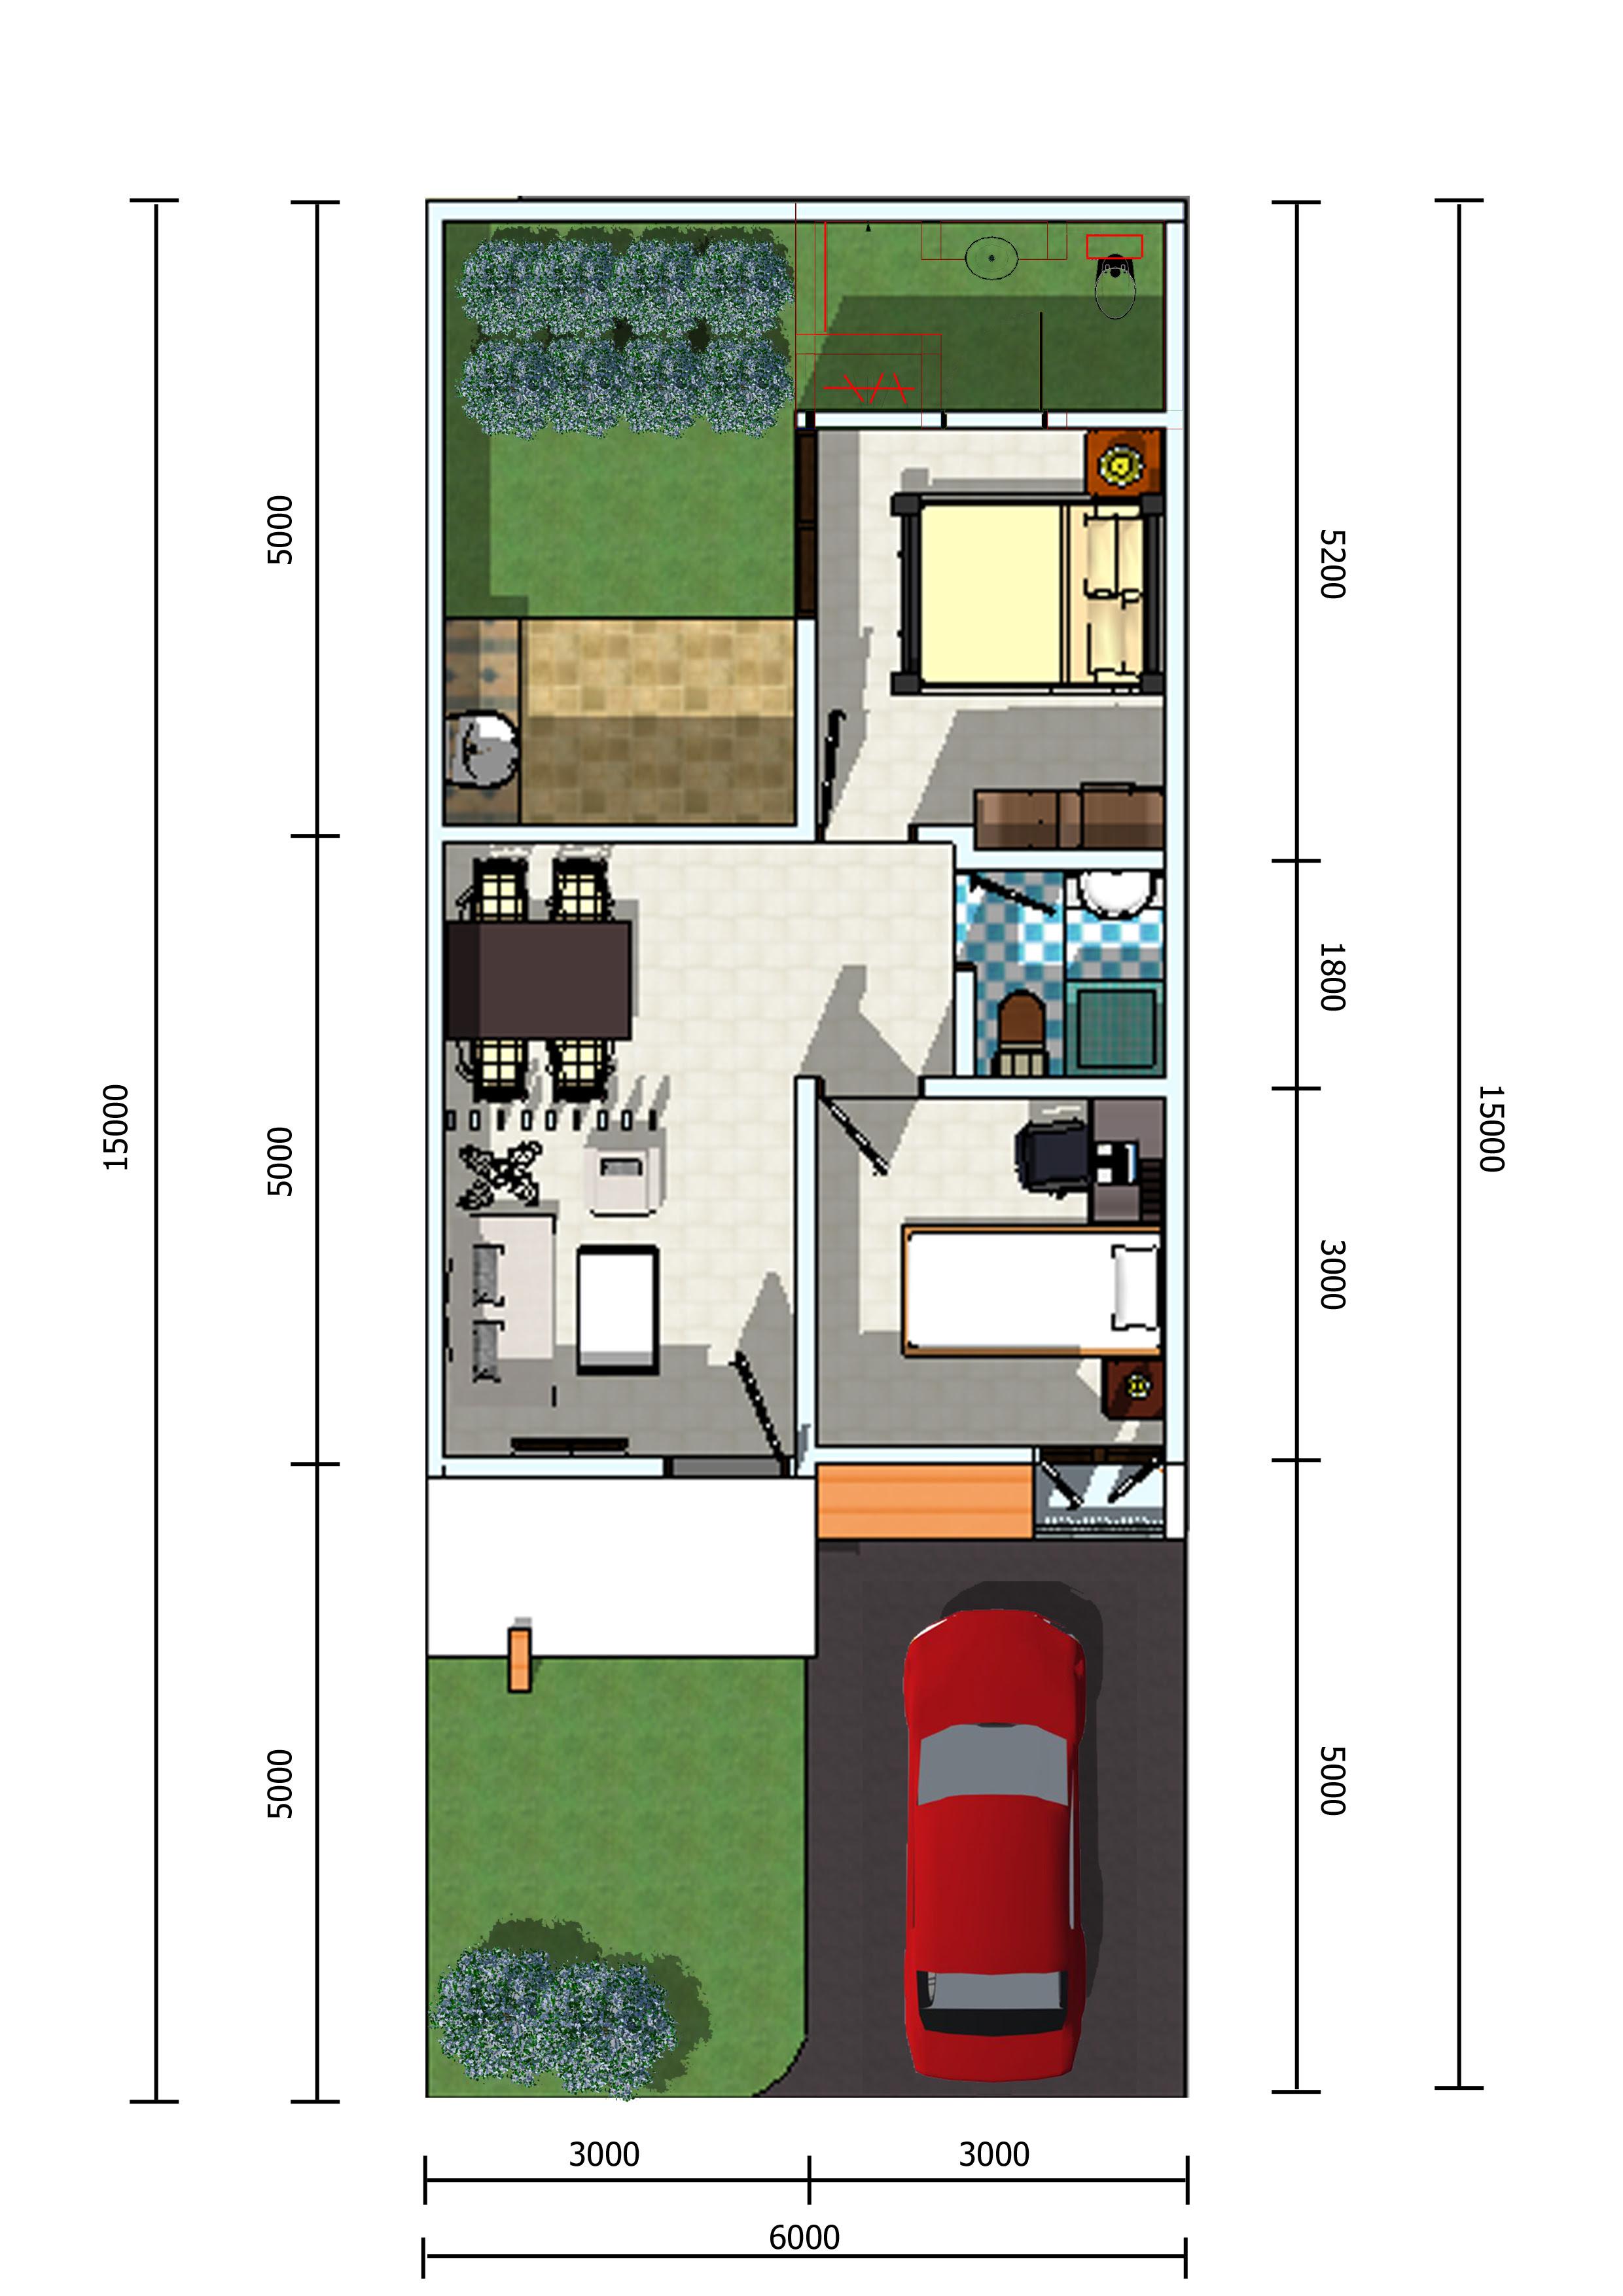 Denah Rumah Minimalis 1 Lantai Ukuran 5x12 Desain Rumah